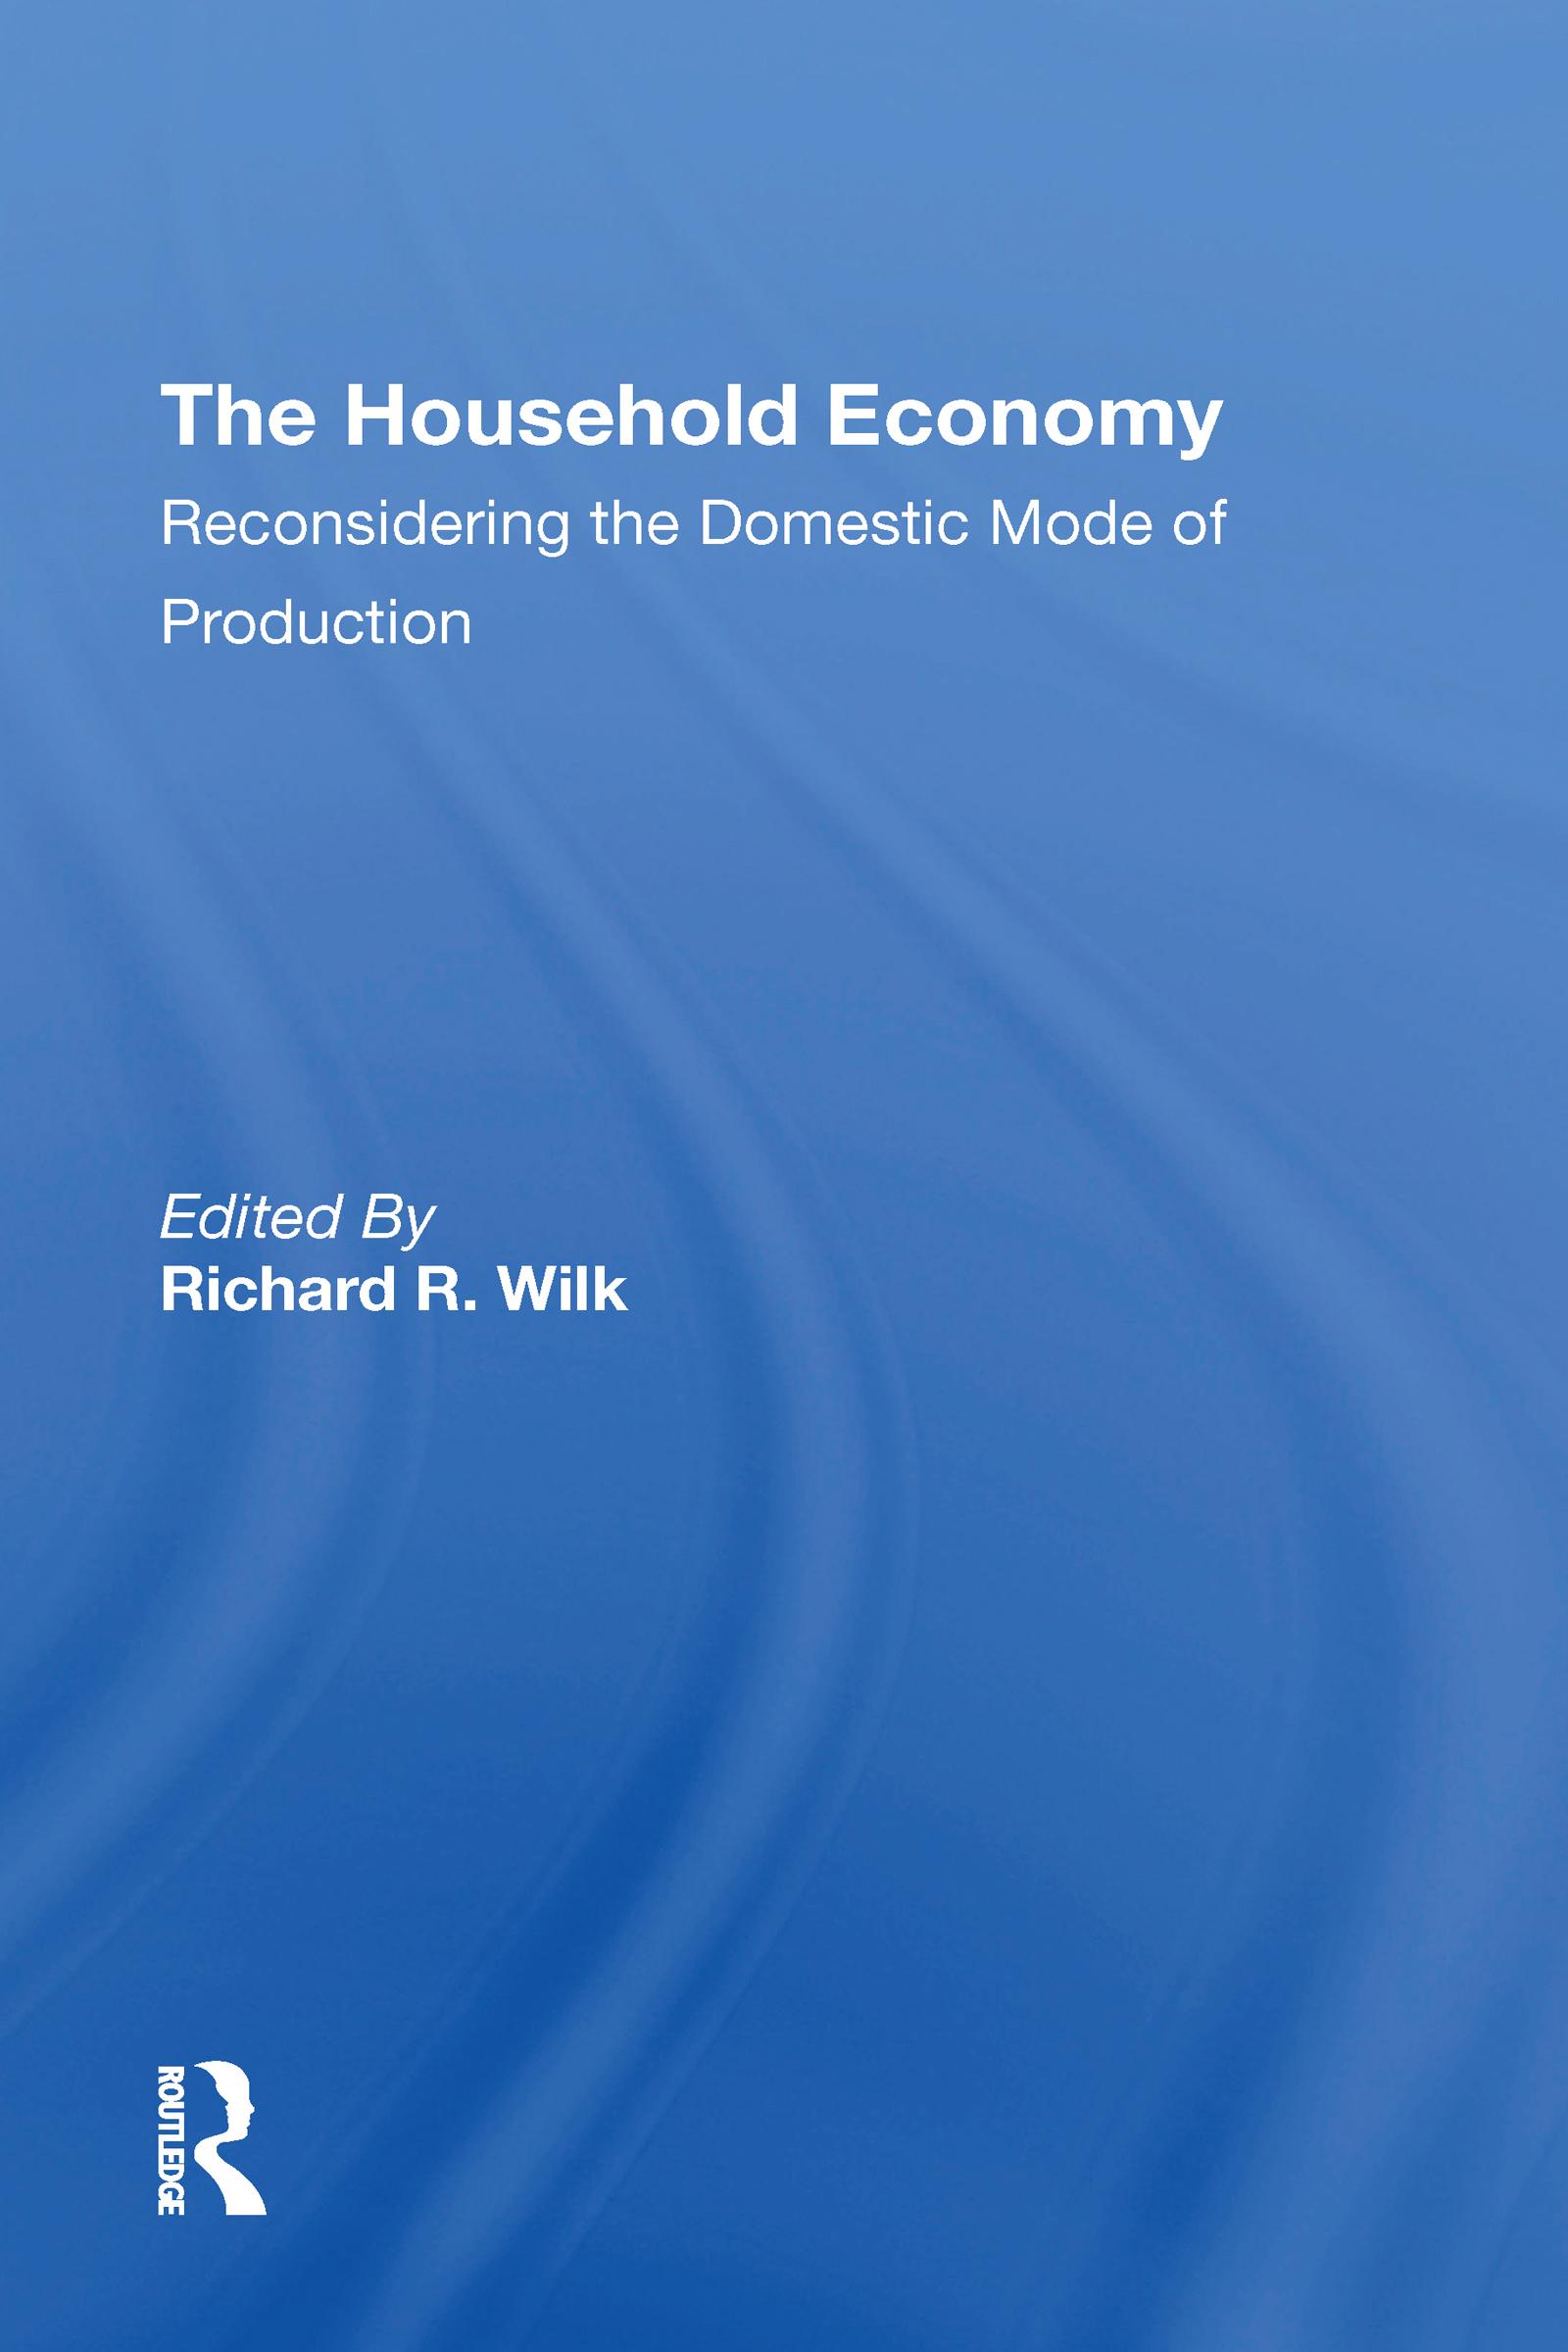 The Household Economy